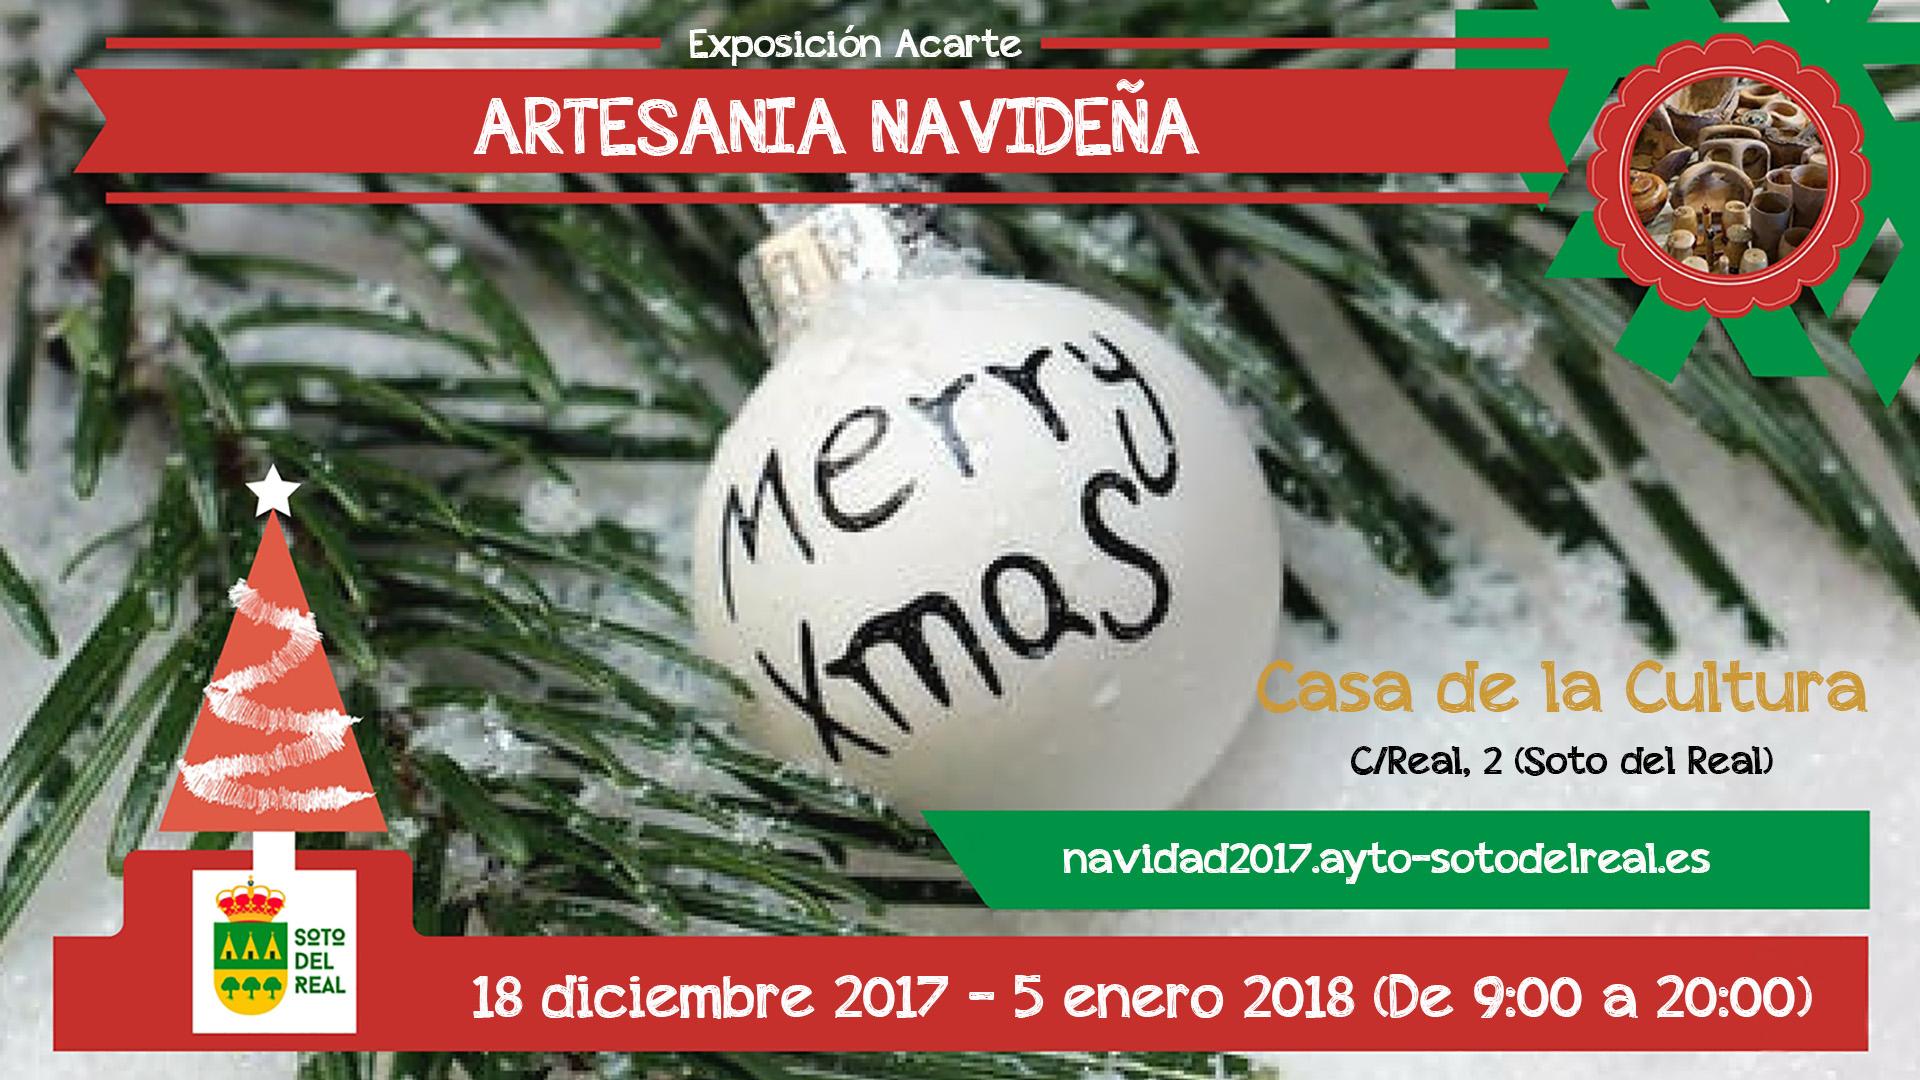 Exposición Acarte Artesania Navideña